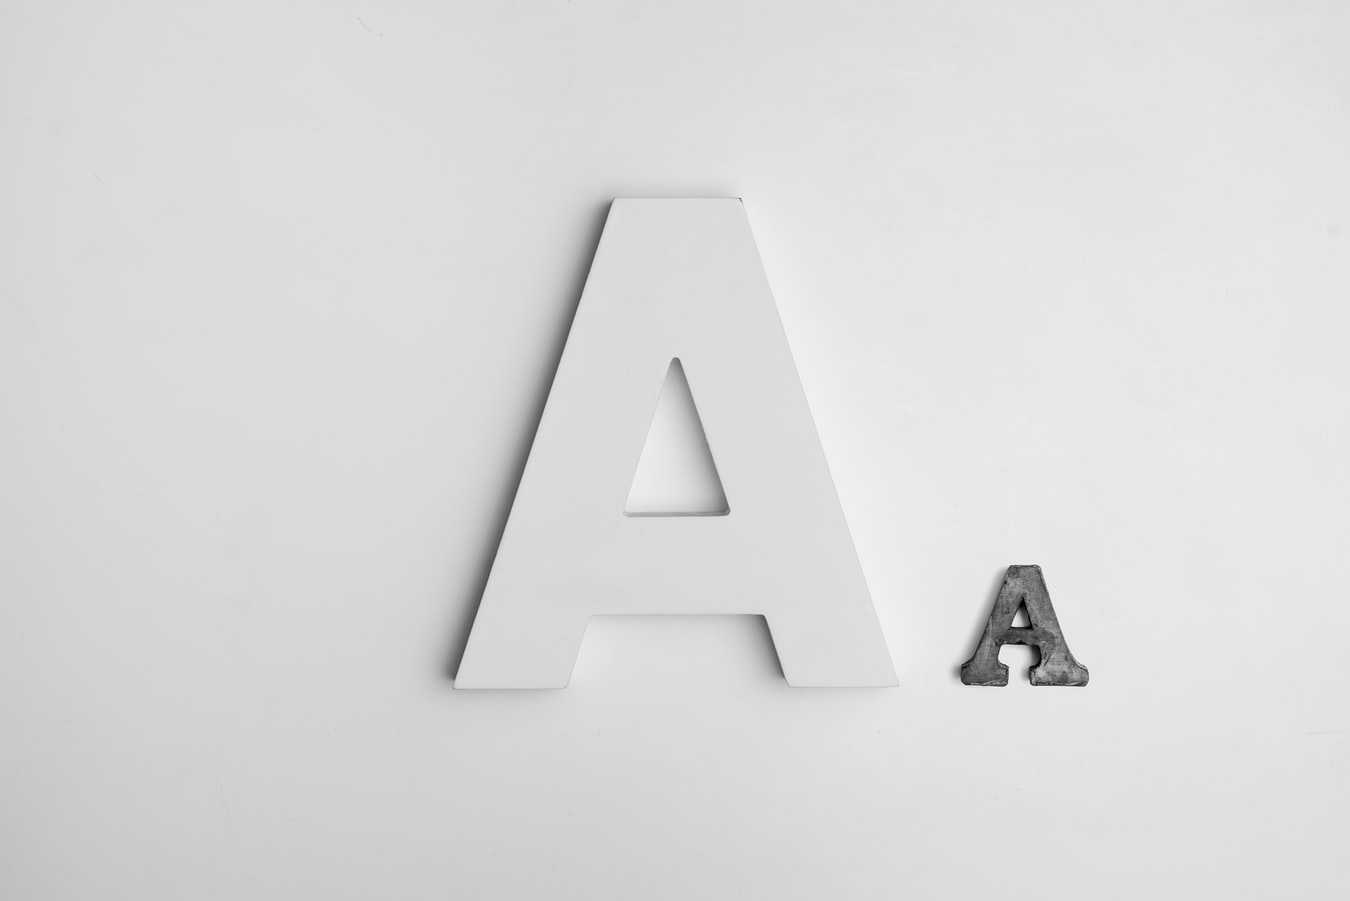 białe tło w fotografii